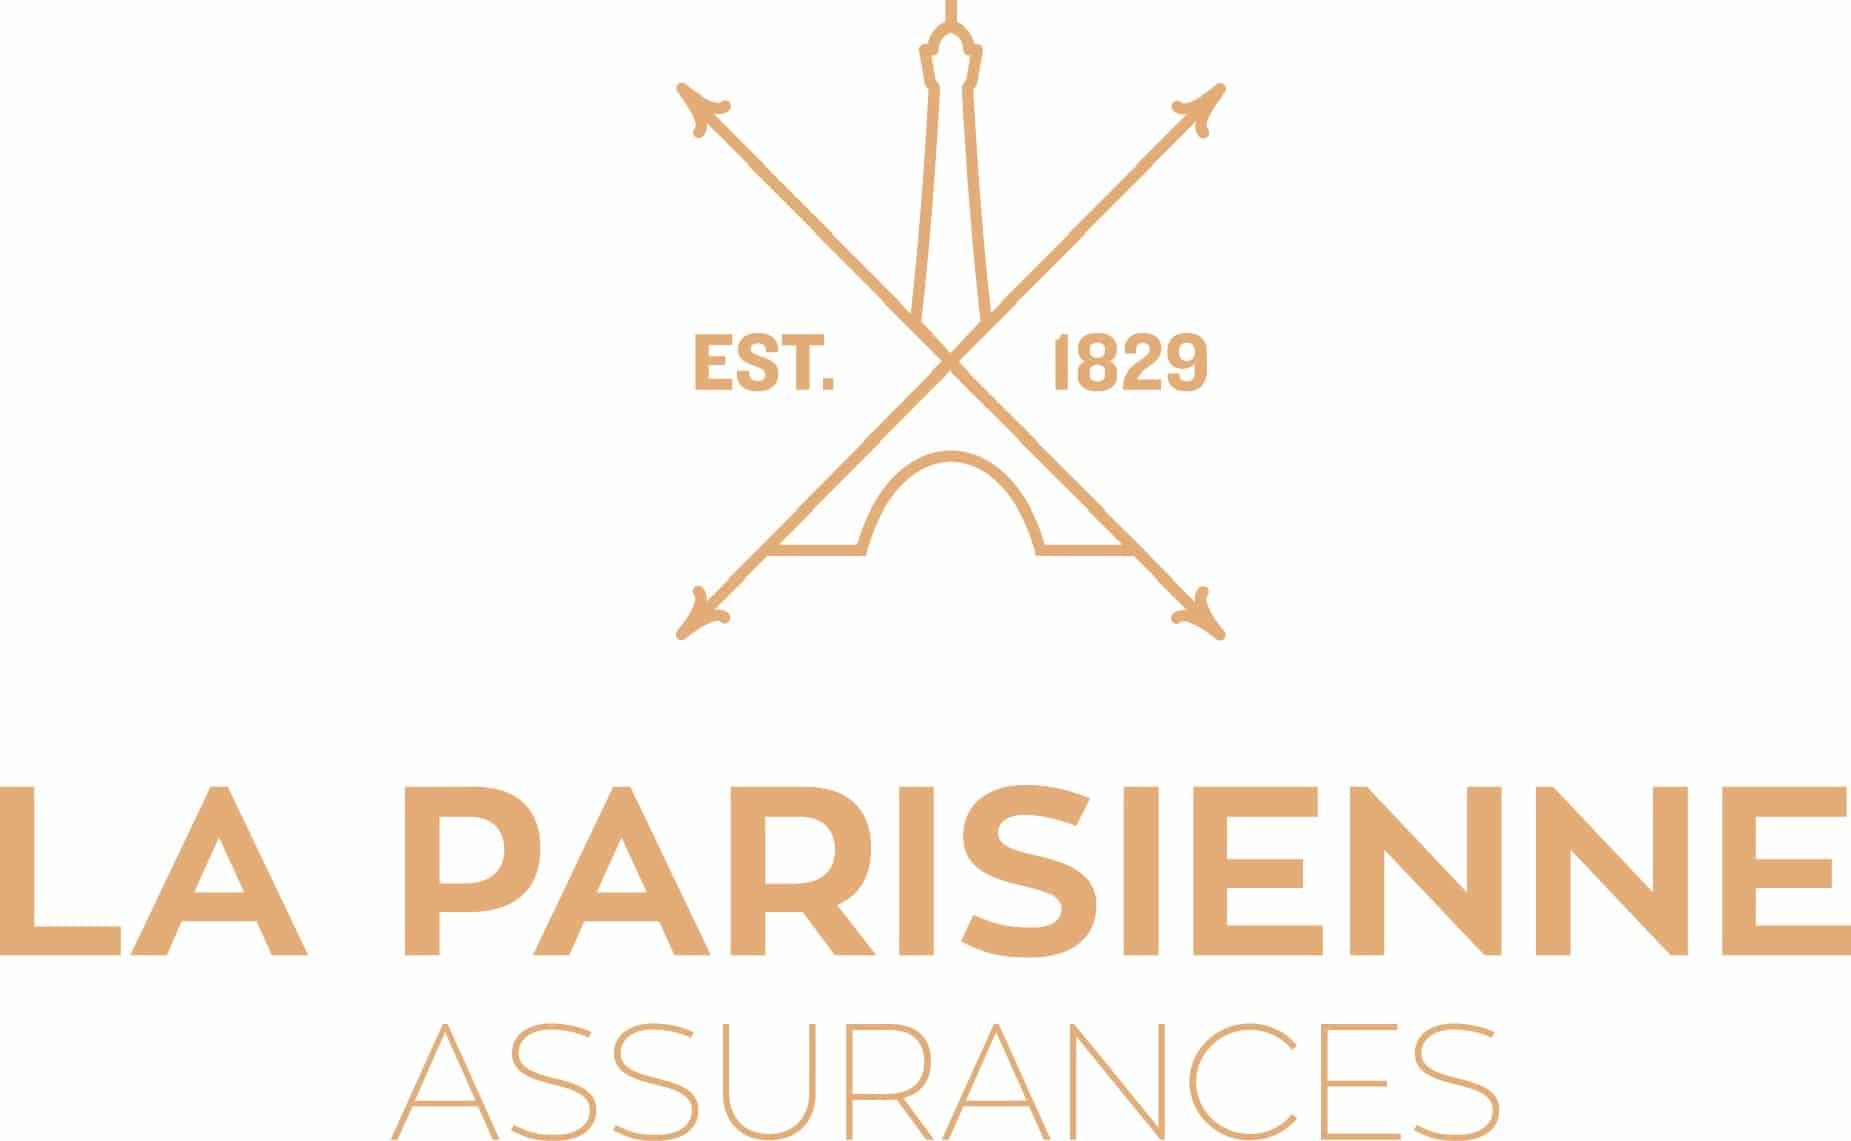 La parisienne assurance hébergement messagerie mail Exchange 2016